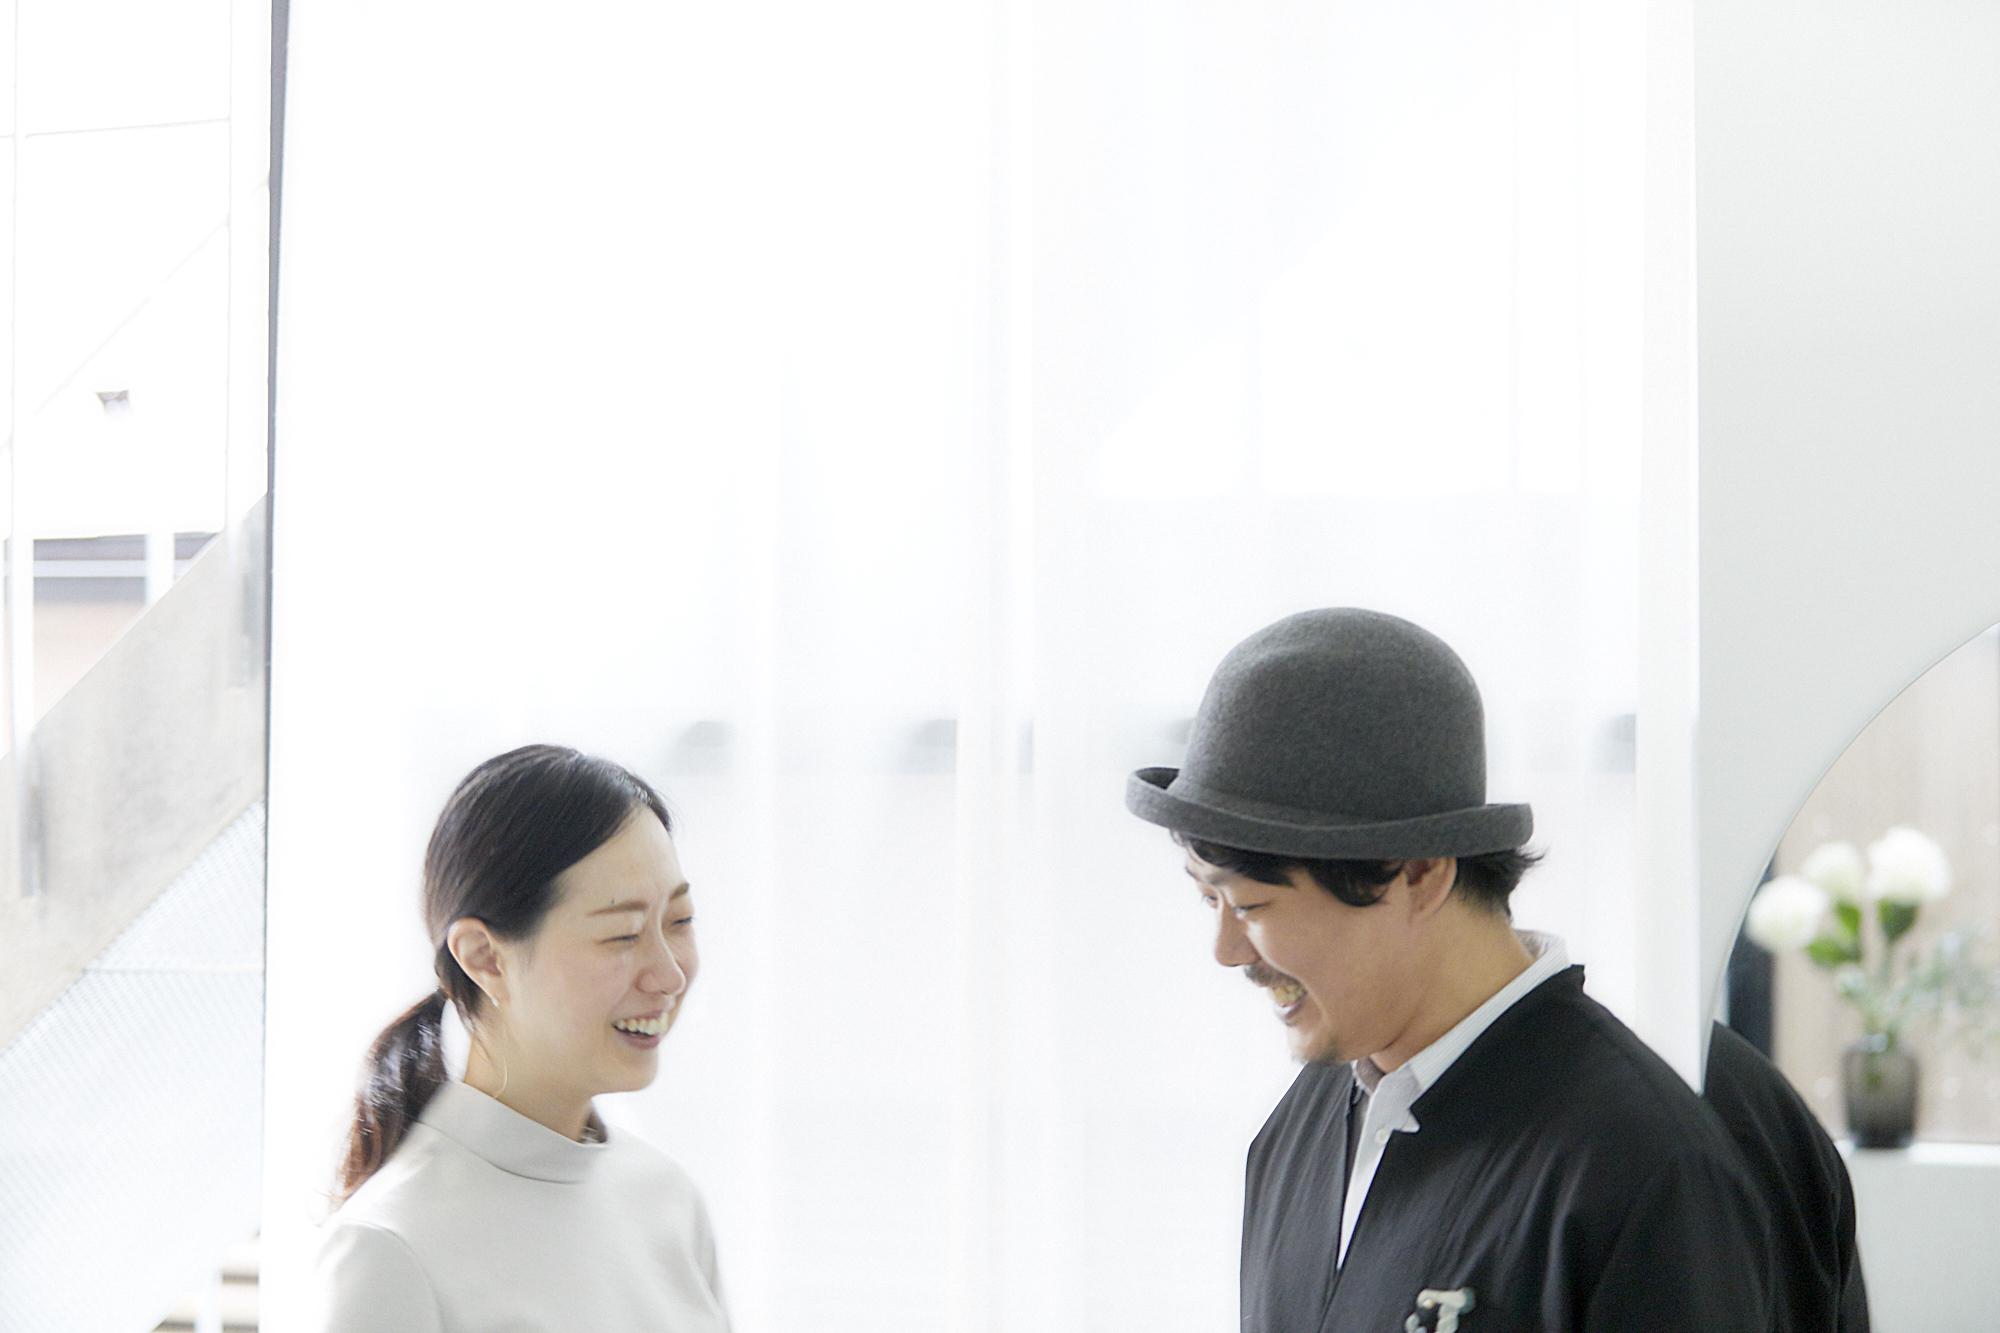 「西荻窪のアトリエを訪ねて」- 後編 - 《januka》デザイナー中村穣さん 妻・夏子さん